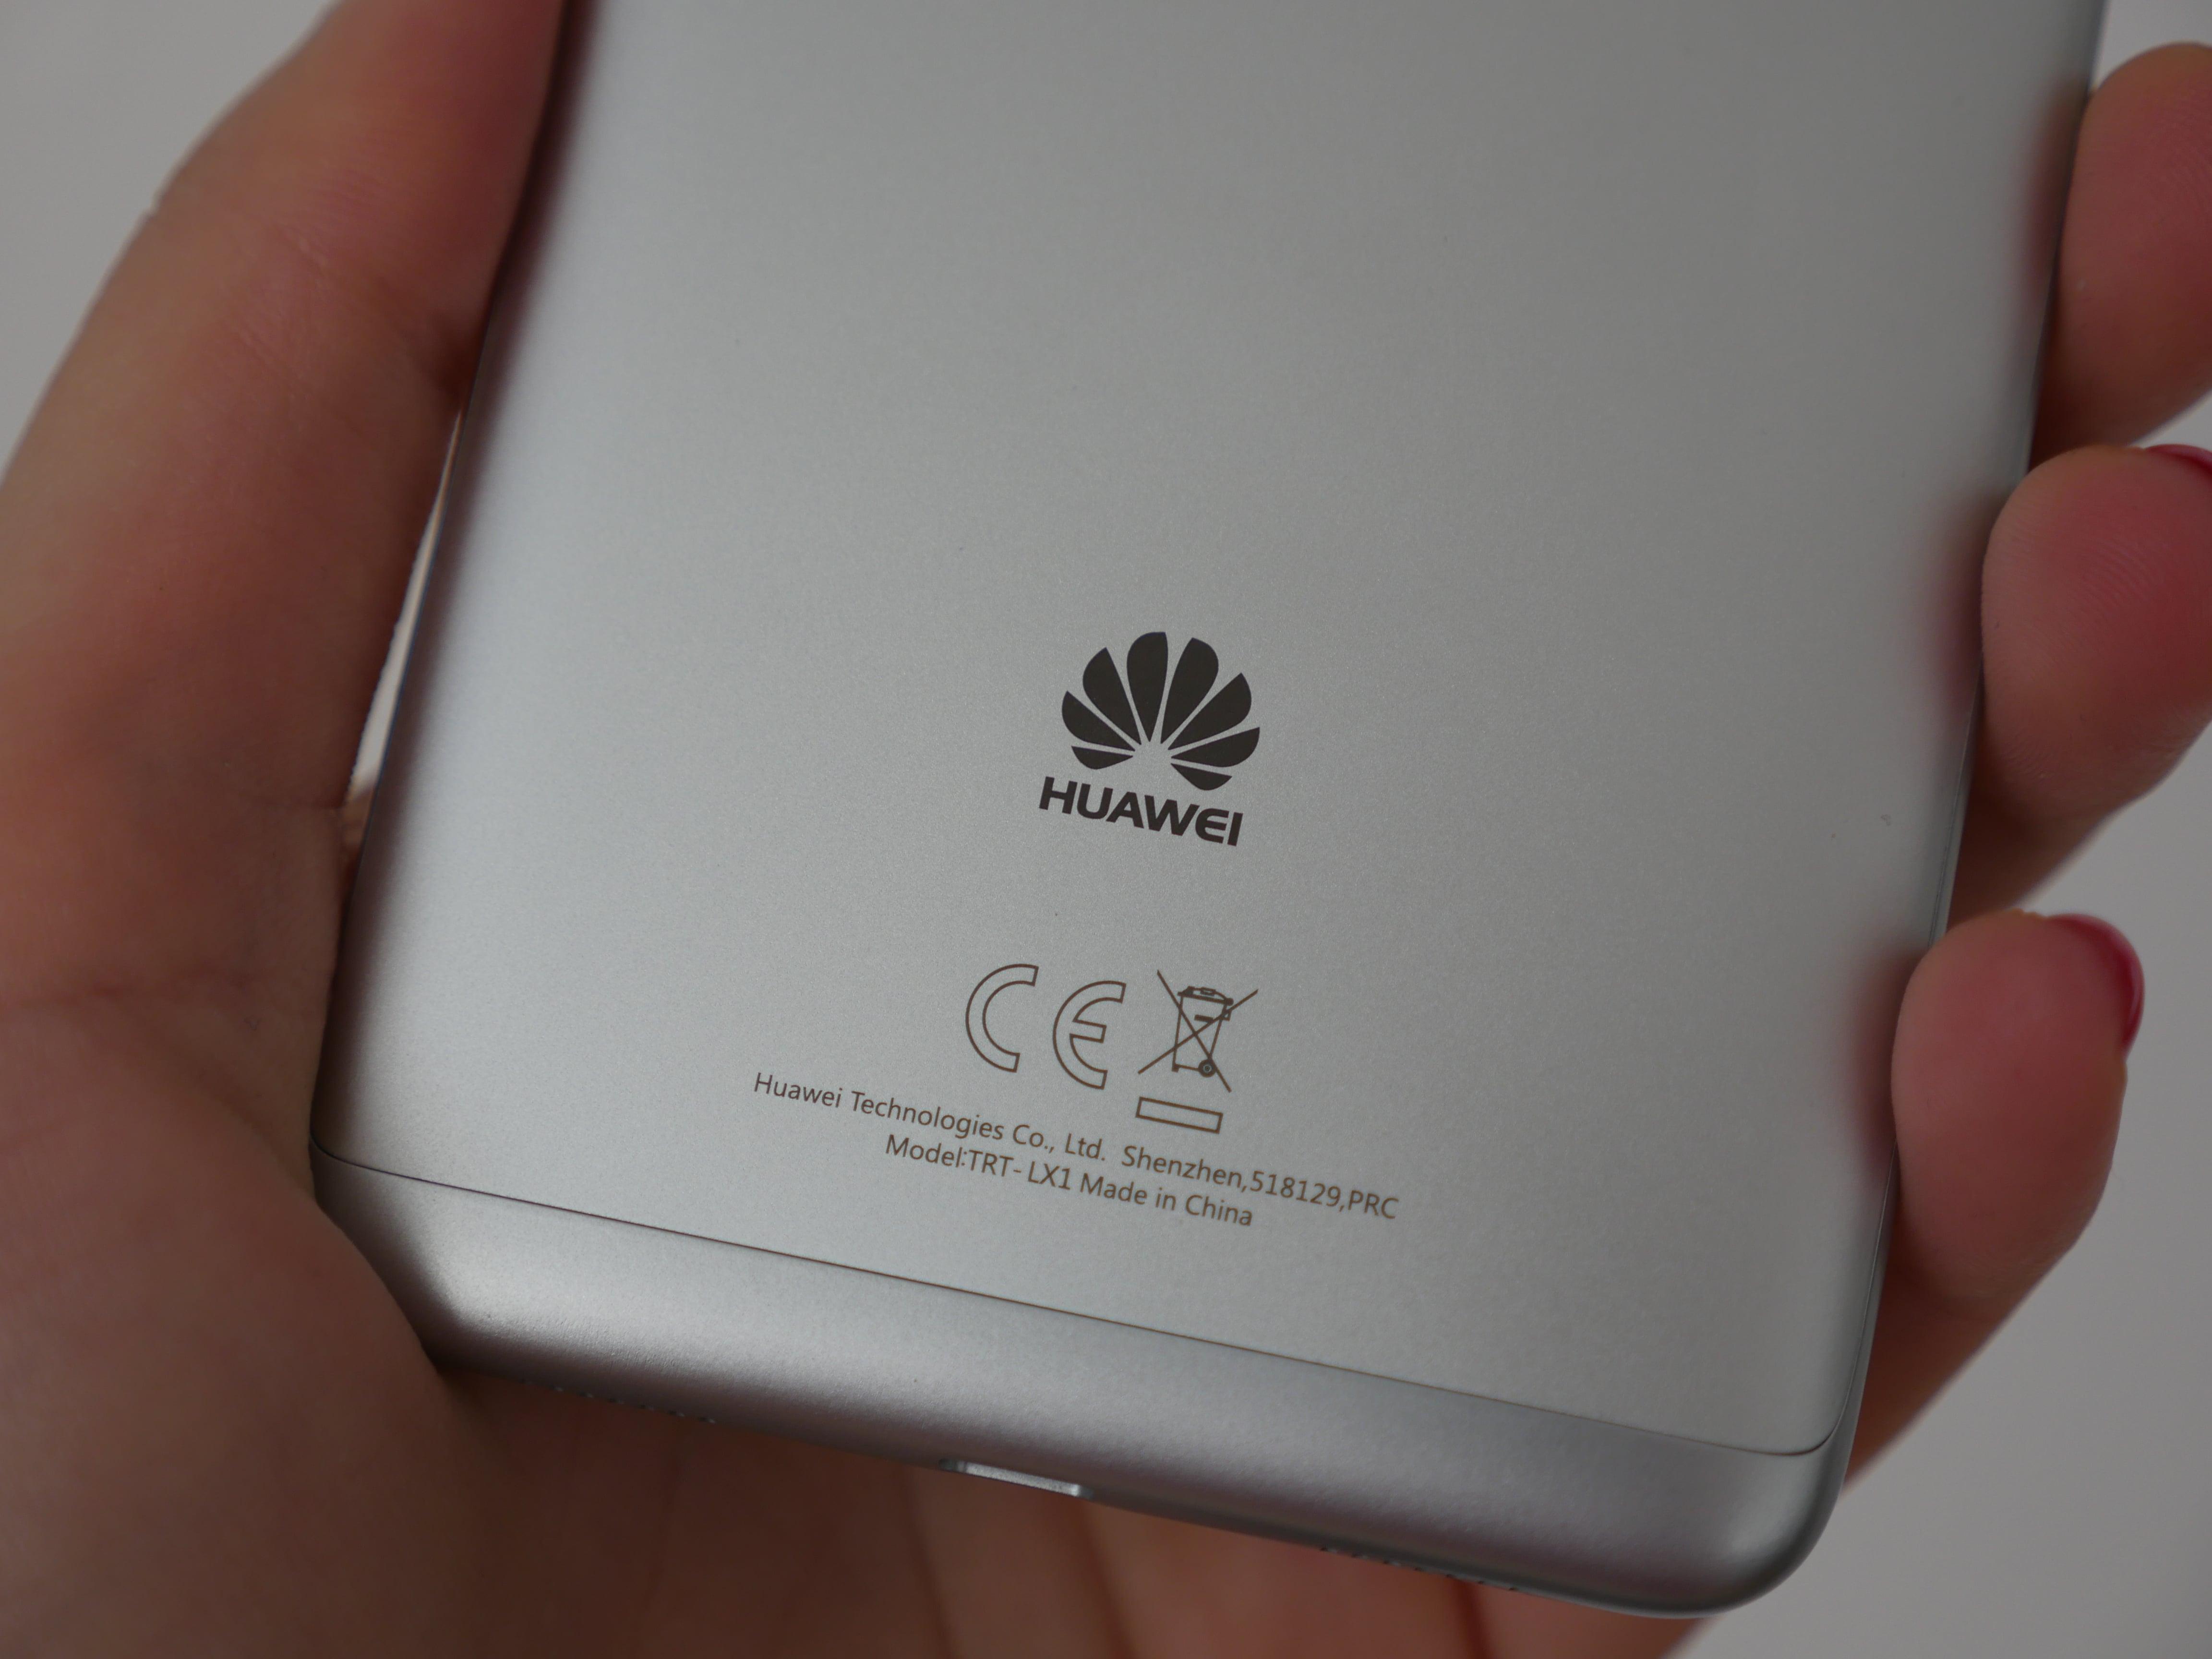 Recenzja Huawei Y7 - Huawei ma w ofercie masę ciekawych smartfonów, ale ten... nie jest jednym z nich 19